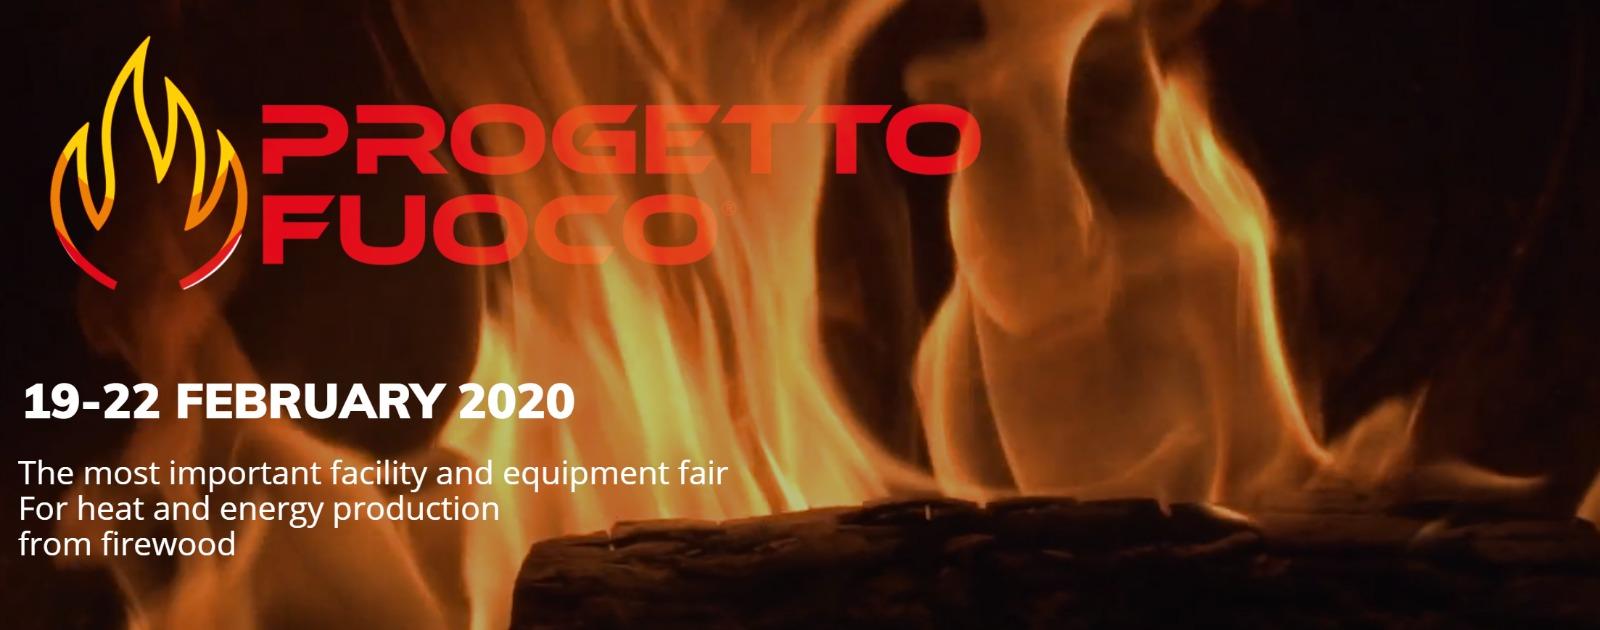 Progetto Fuoco | Veronafiere 19-22 febbraio 2020